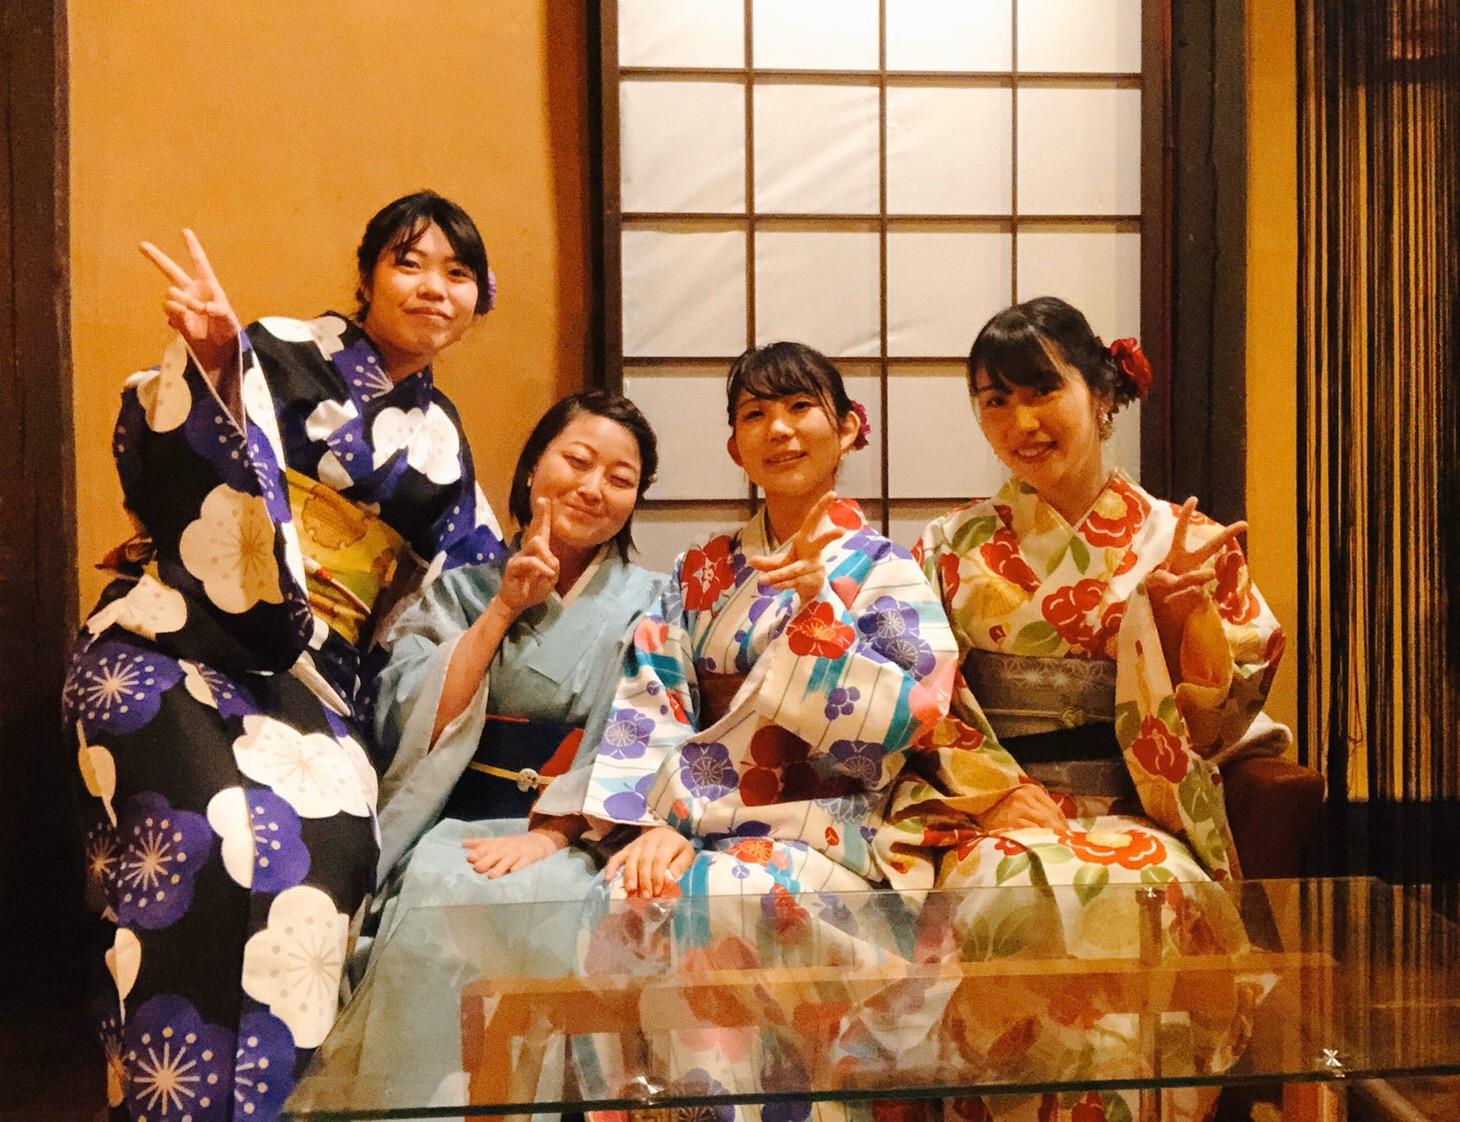 卒業記念に袴レンタル♪2020年3月20日8